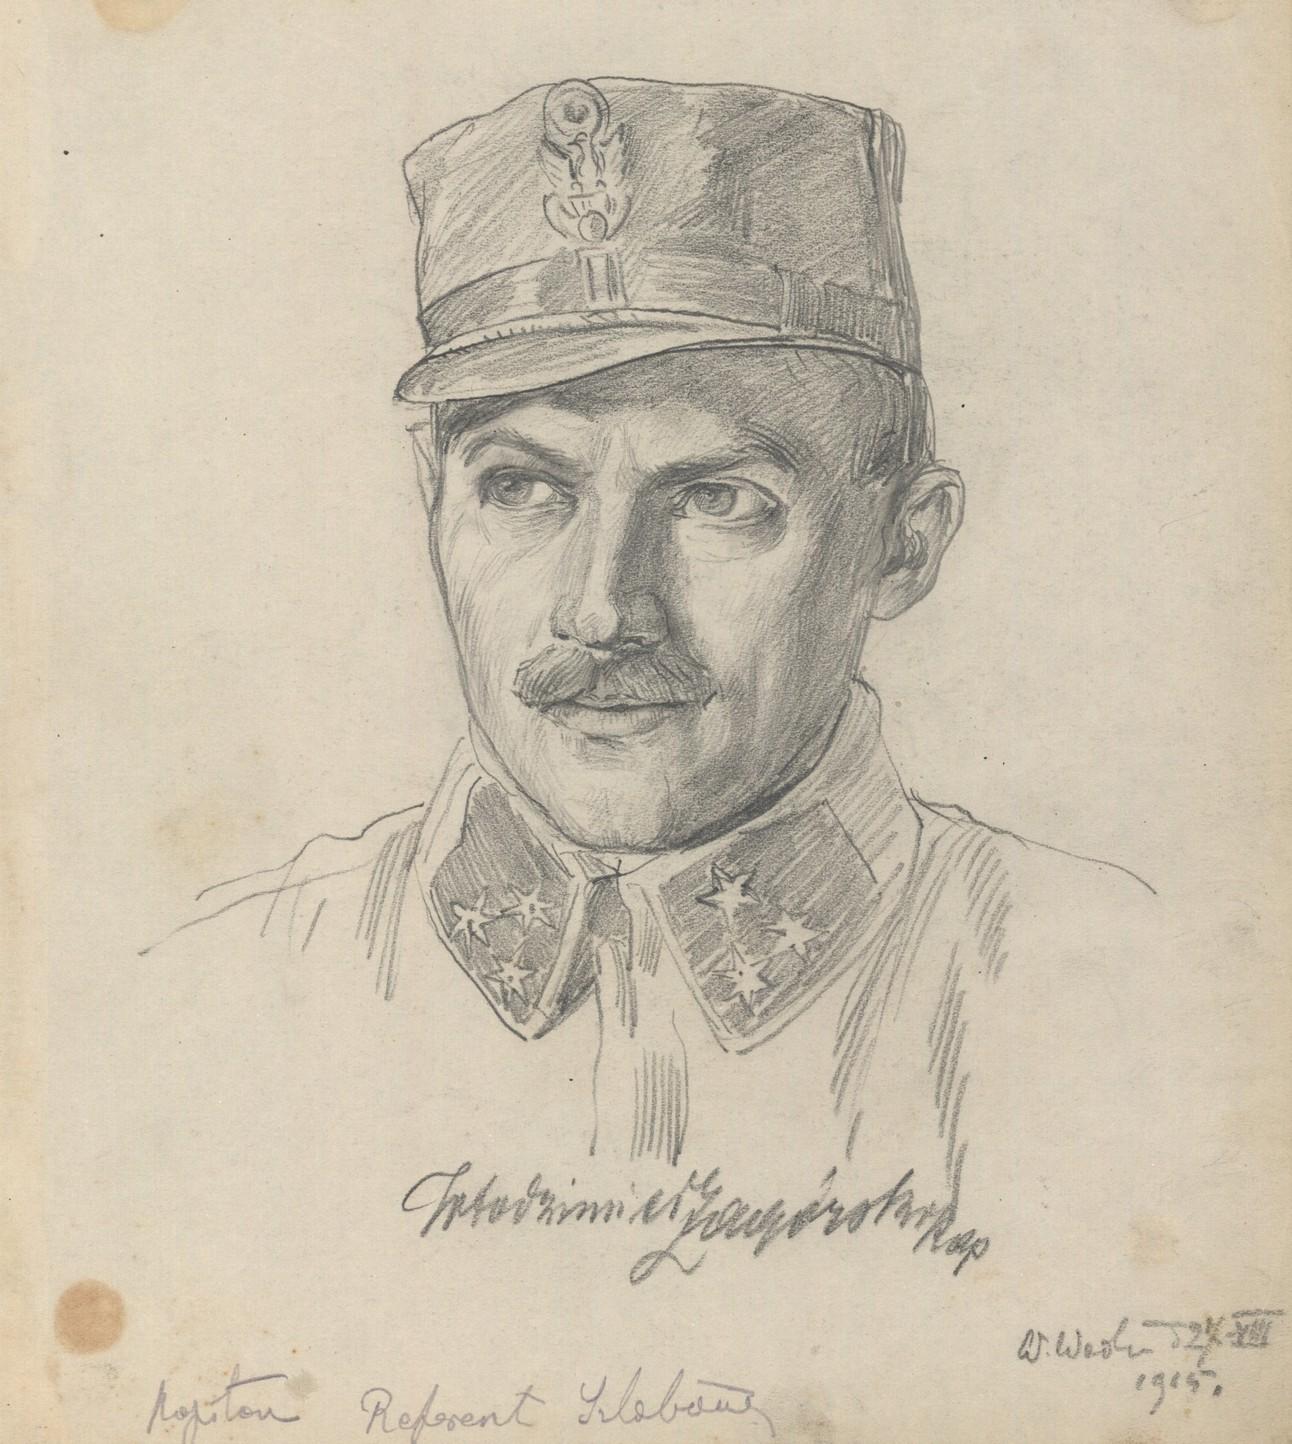 Włodzimierz Zagórski zaginął w drodze na spotkanie z Marszałkiem. Uznano go za dezertera. Rysunek ołówkiem z 1915 roku, wykonany przez Wincentego Wodzinowskiego.